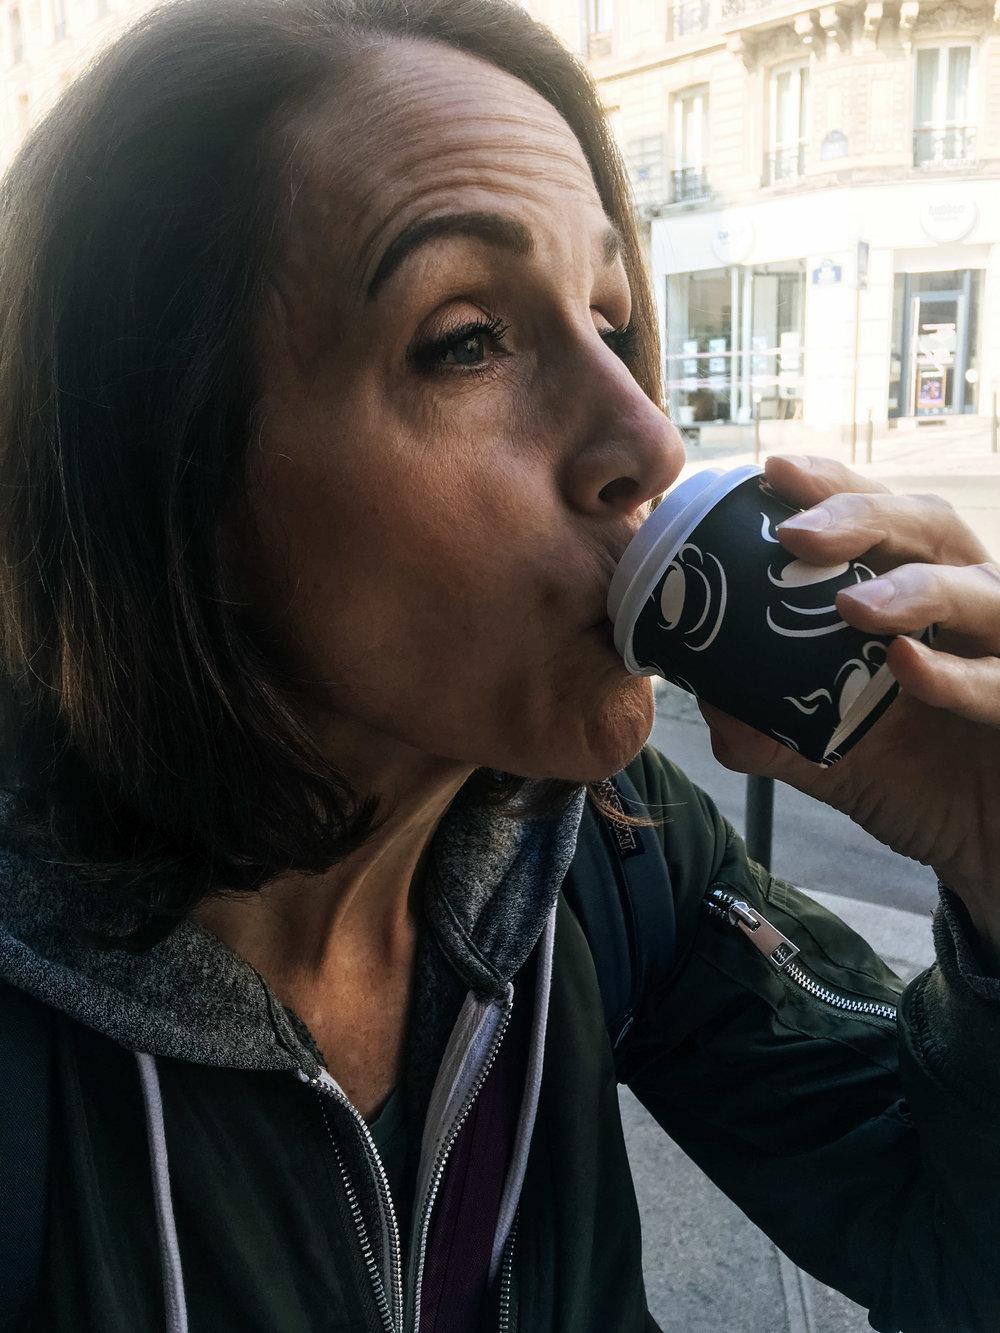 Espresso in France